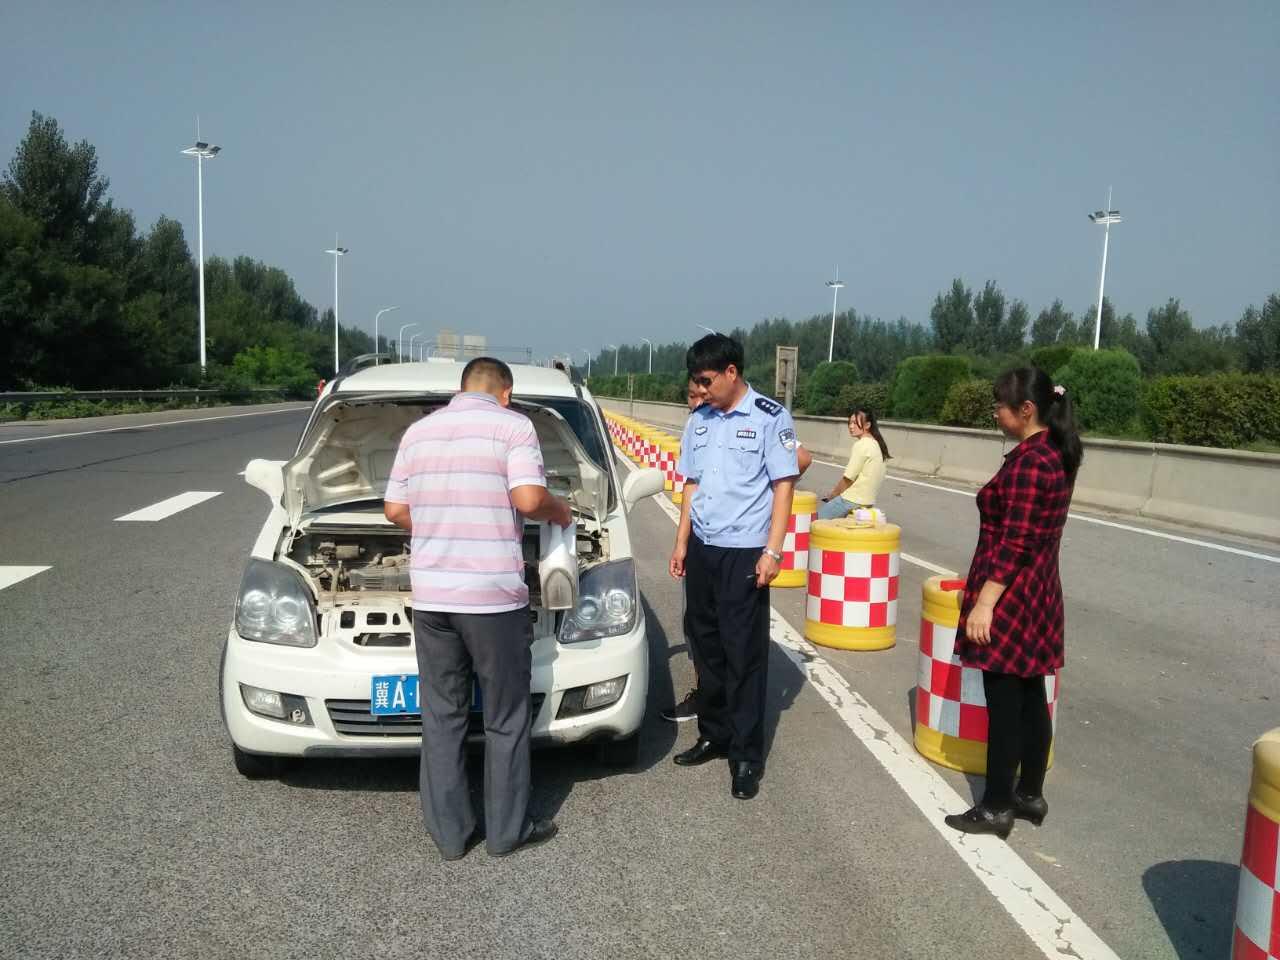 车辆发生故障未摆放警示标志 交警处罚之际不忘帮忙